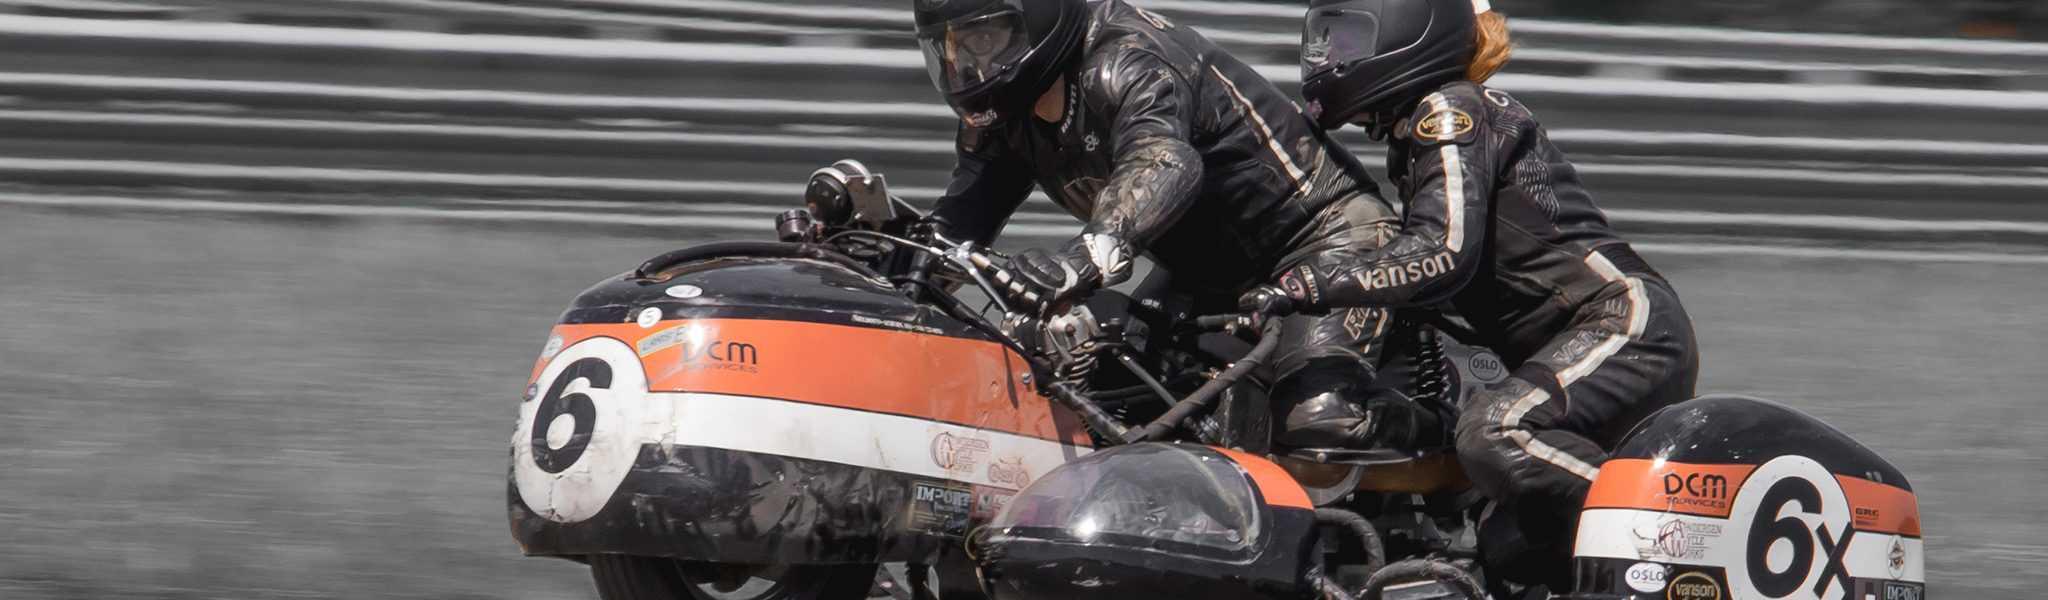 AHRMA Vintage Motorcycle Racing Festival